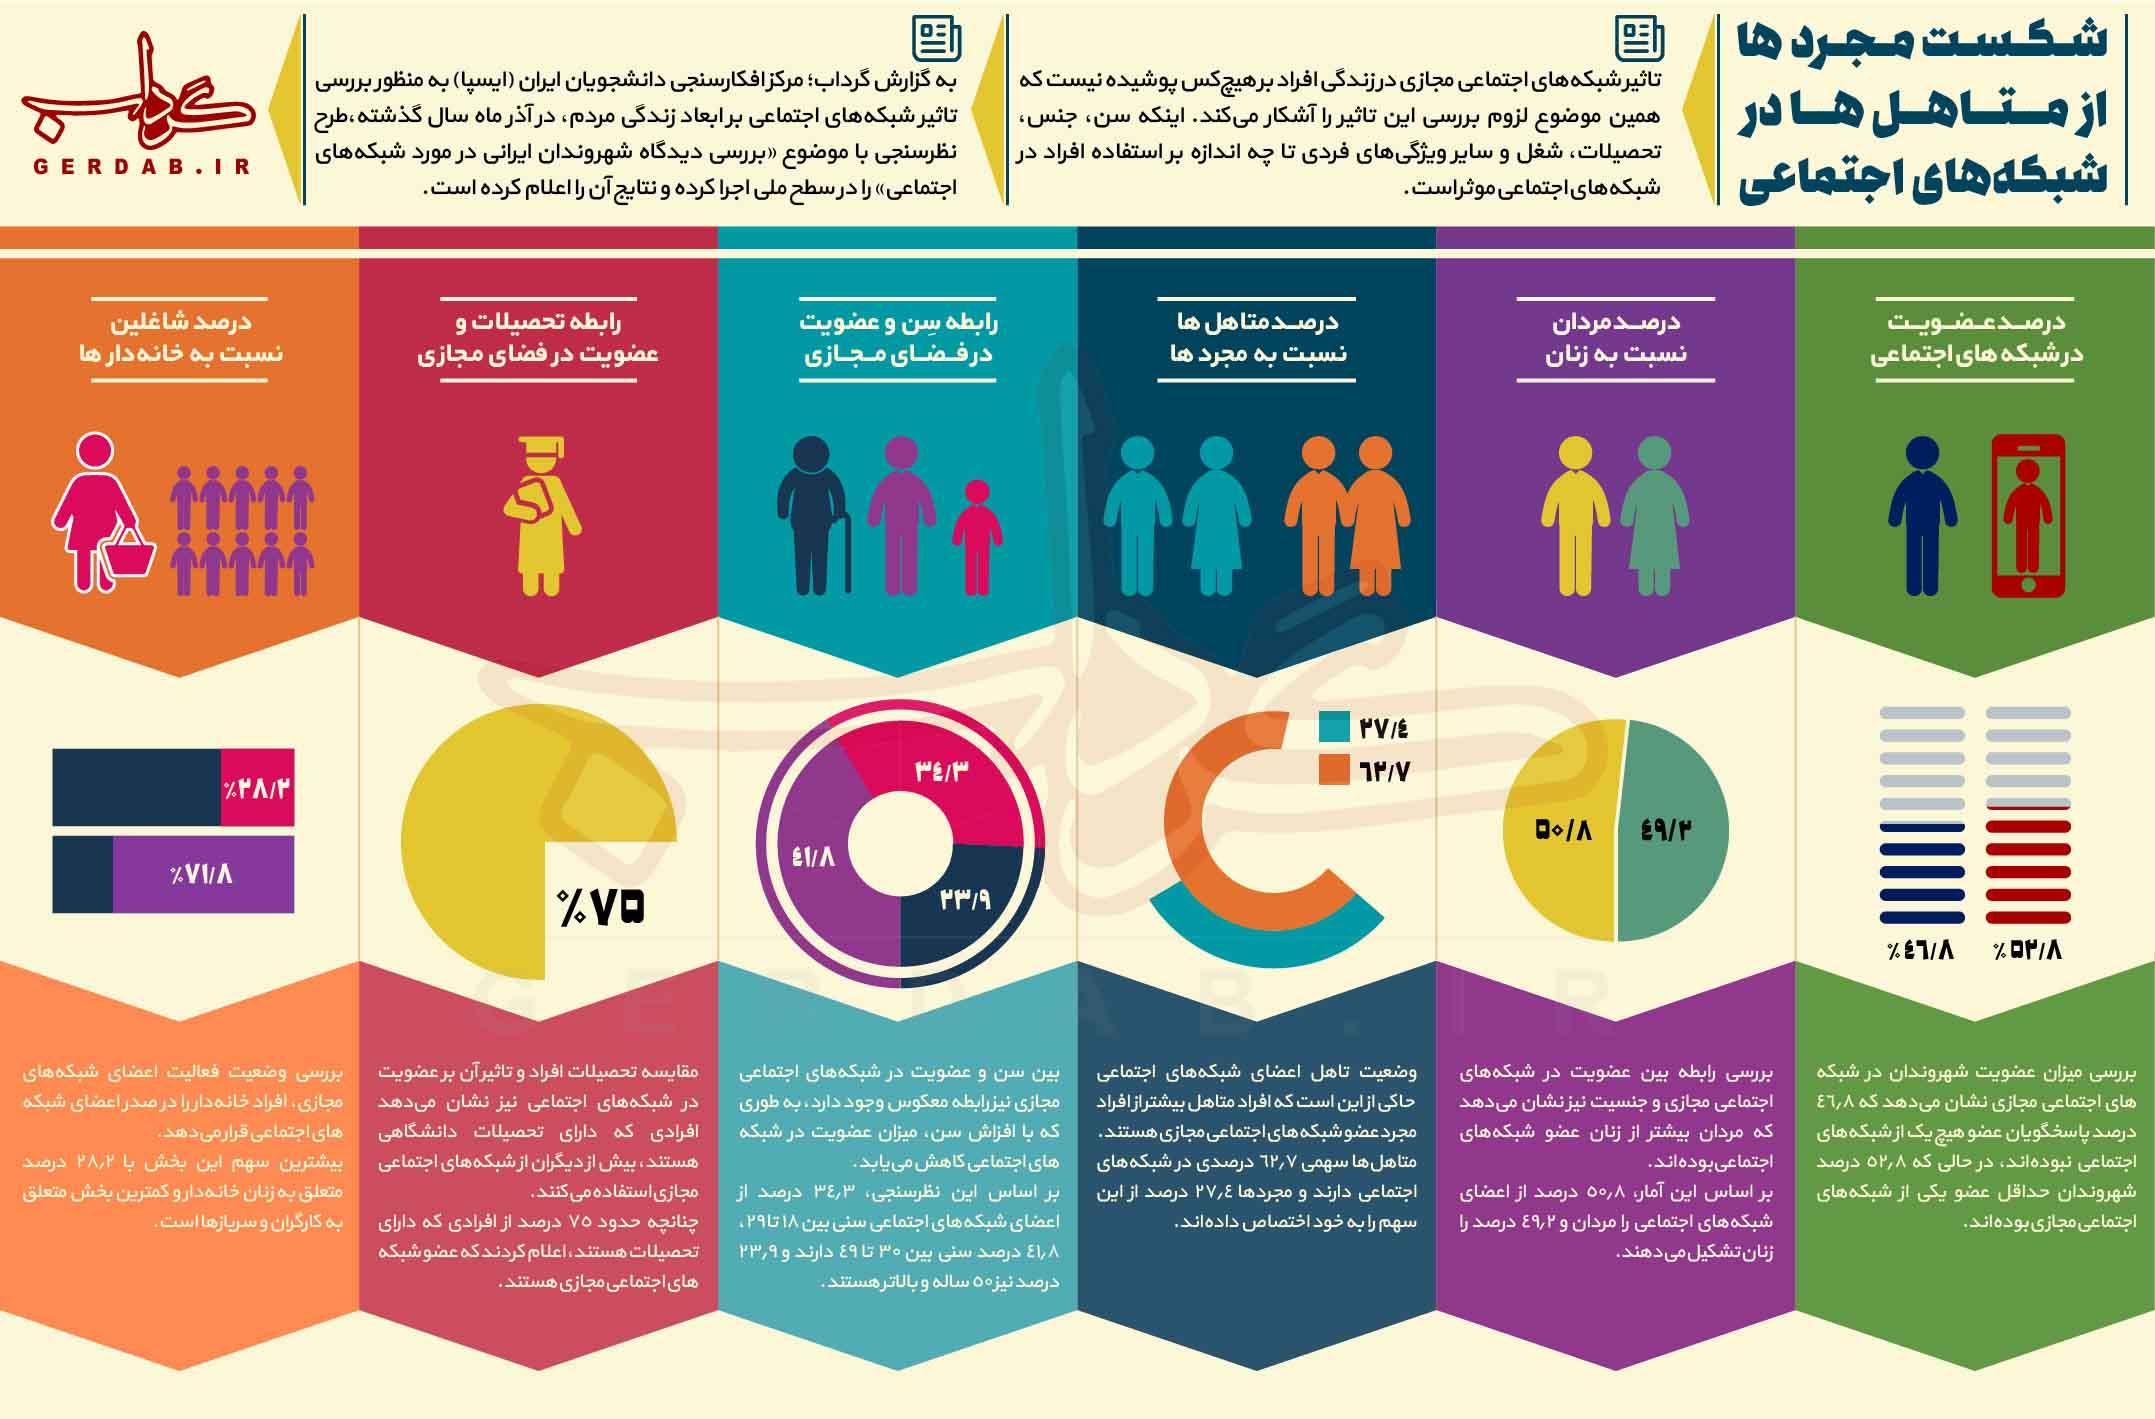 بررسی درصد عضویت افراد جامعه در شبکه های اجتماعی مجازی+اینفوگرافیک